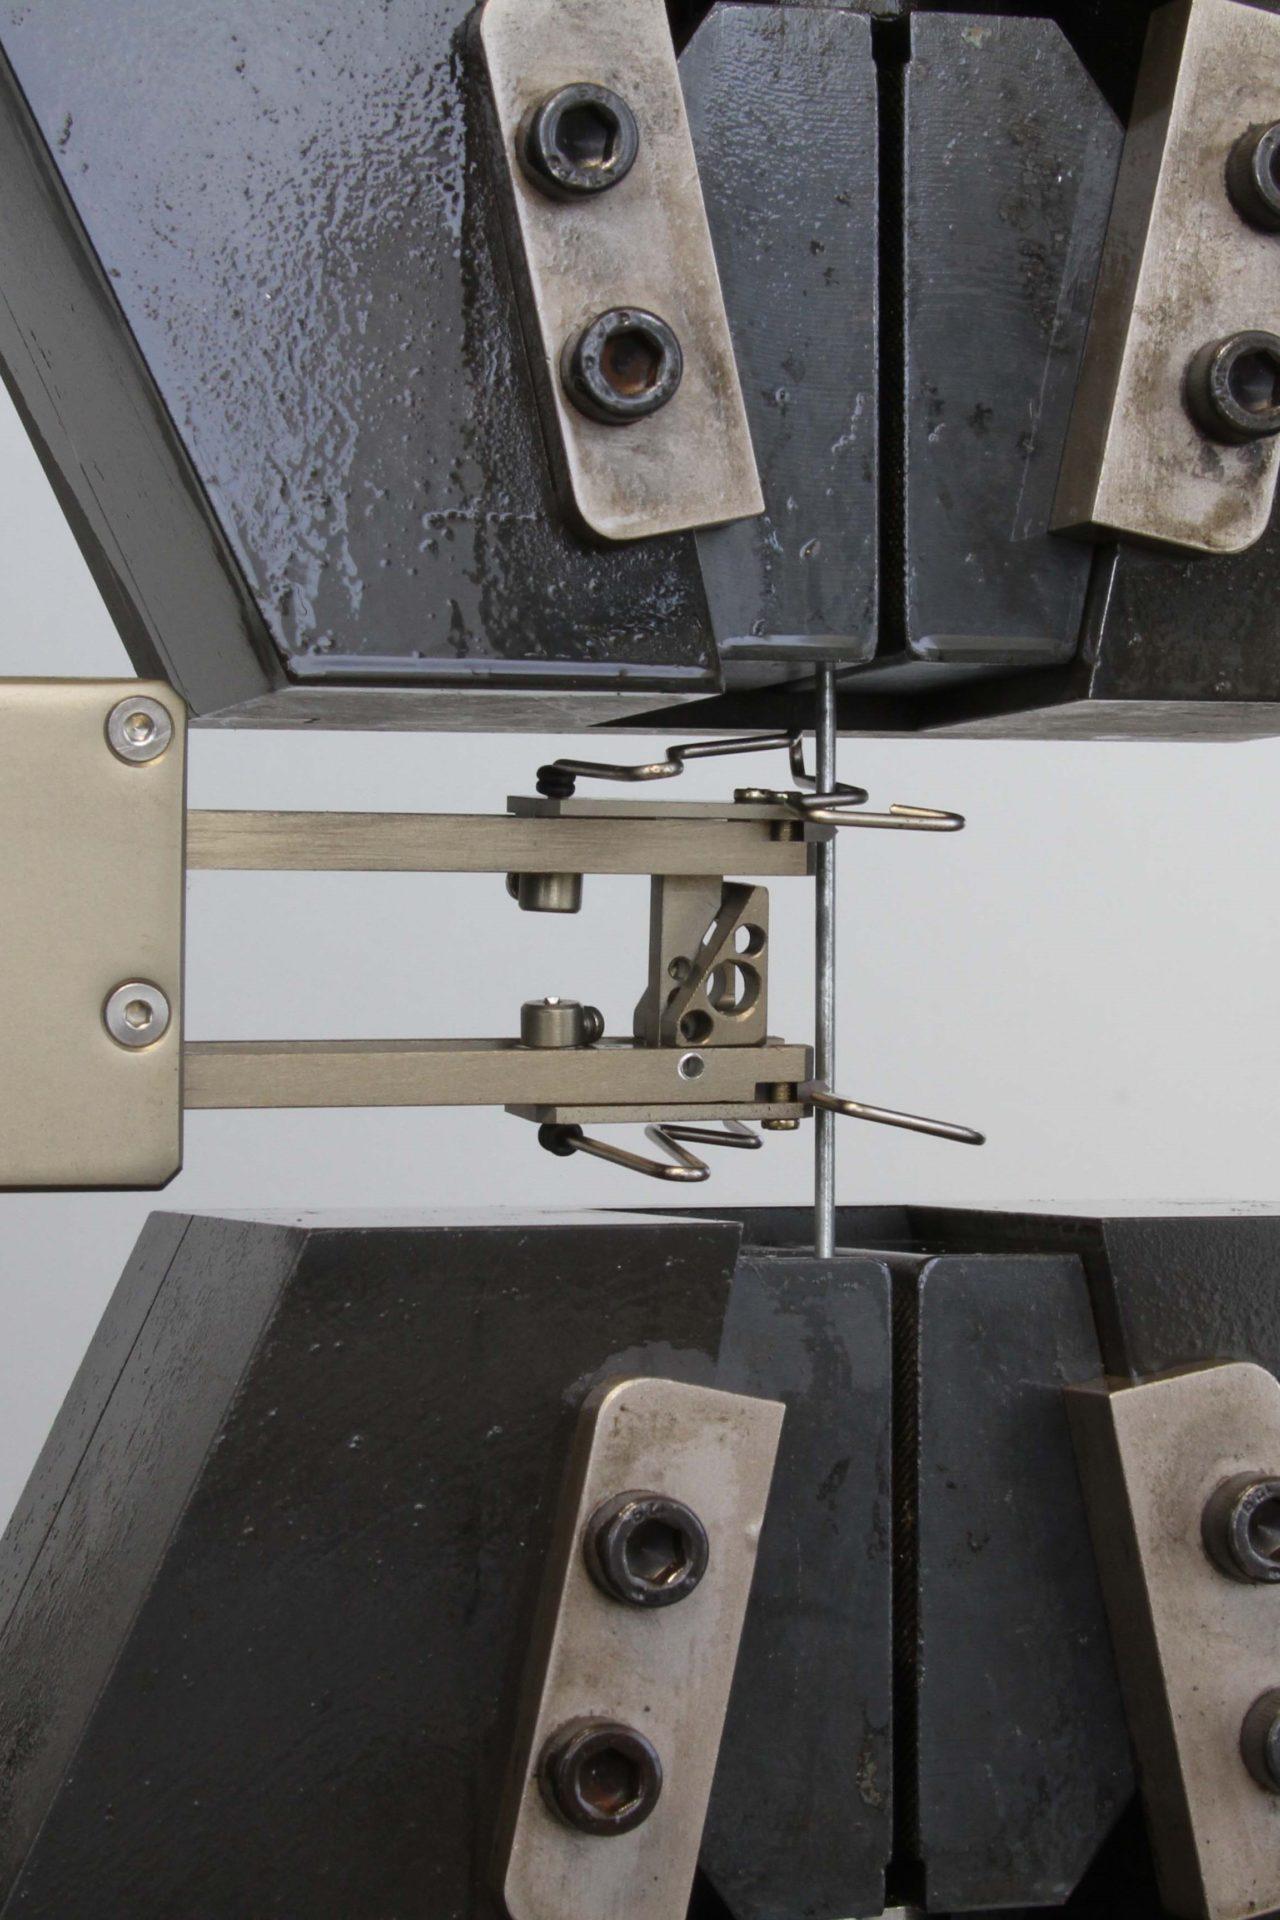 maquina de ensaio extensometro